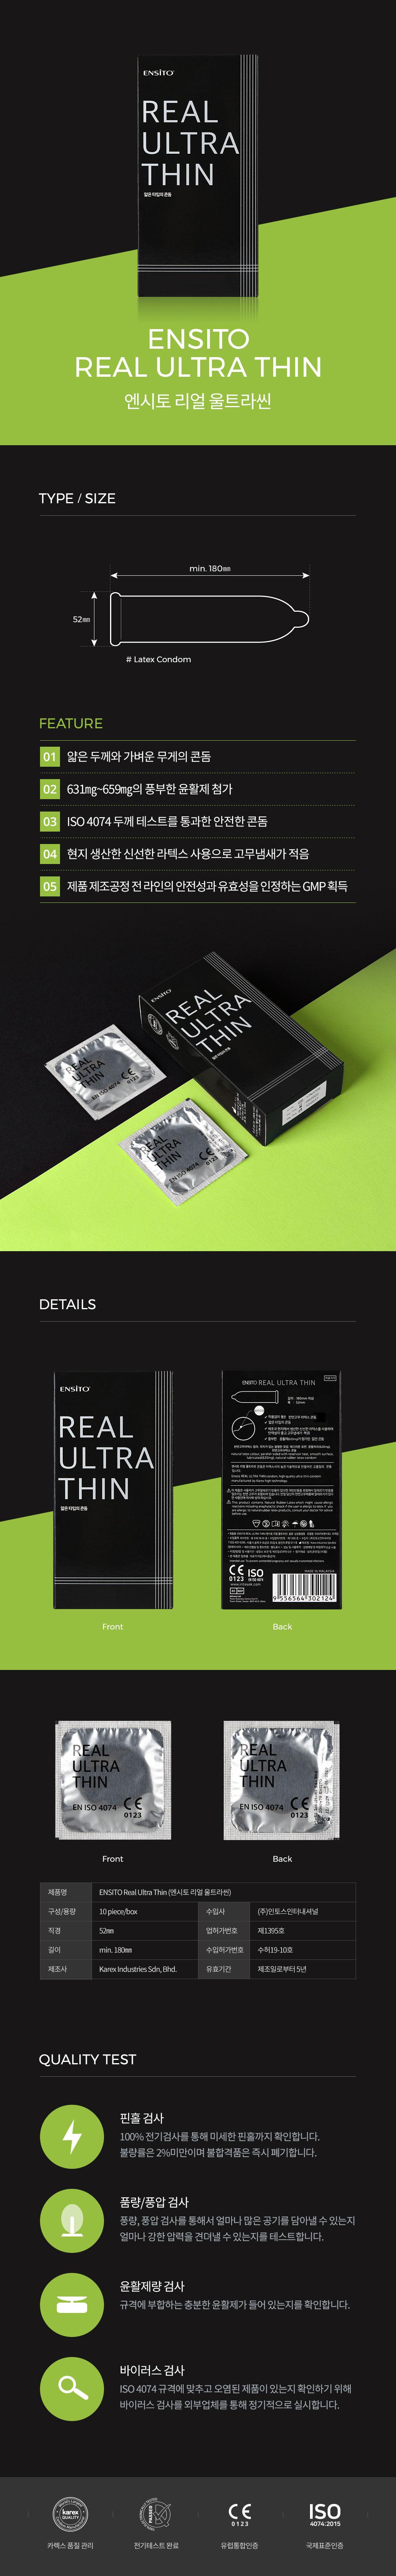 [엔시토] 리얼 울트라씬 (ENSiTO Real Ultra Thin) 상품정보제공 고시